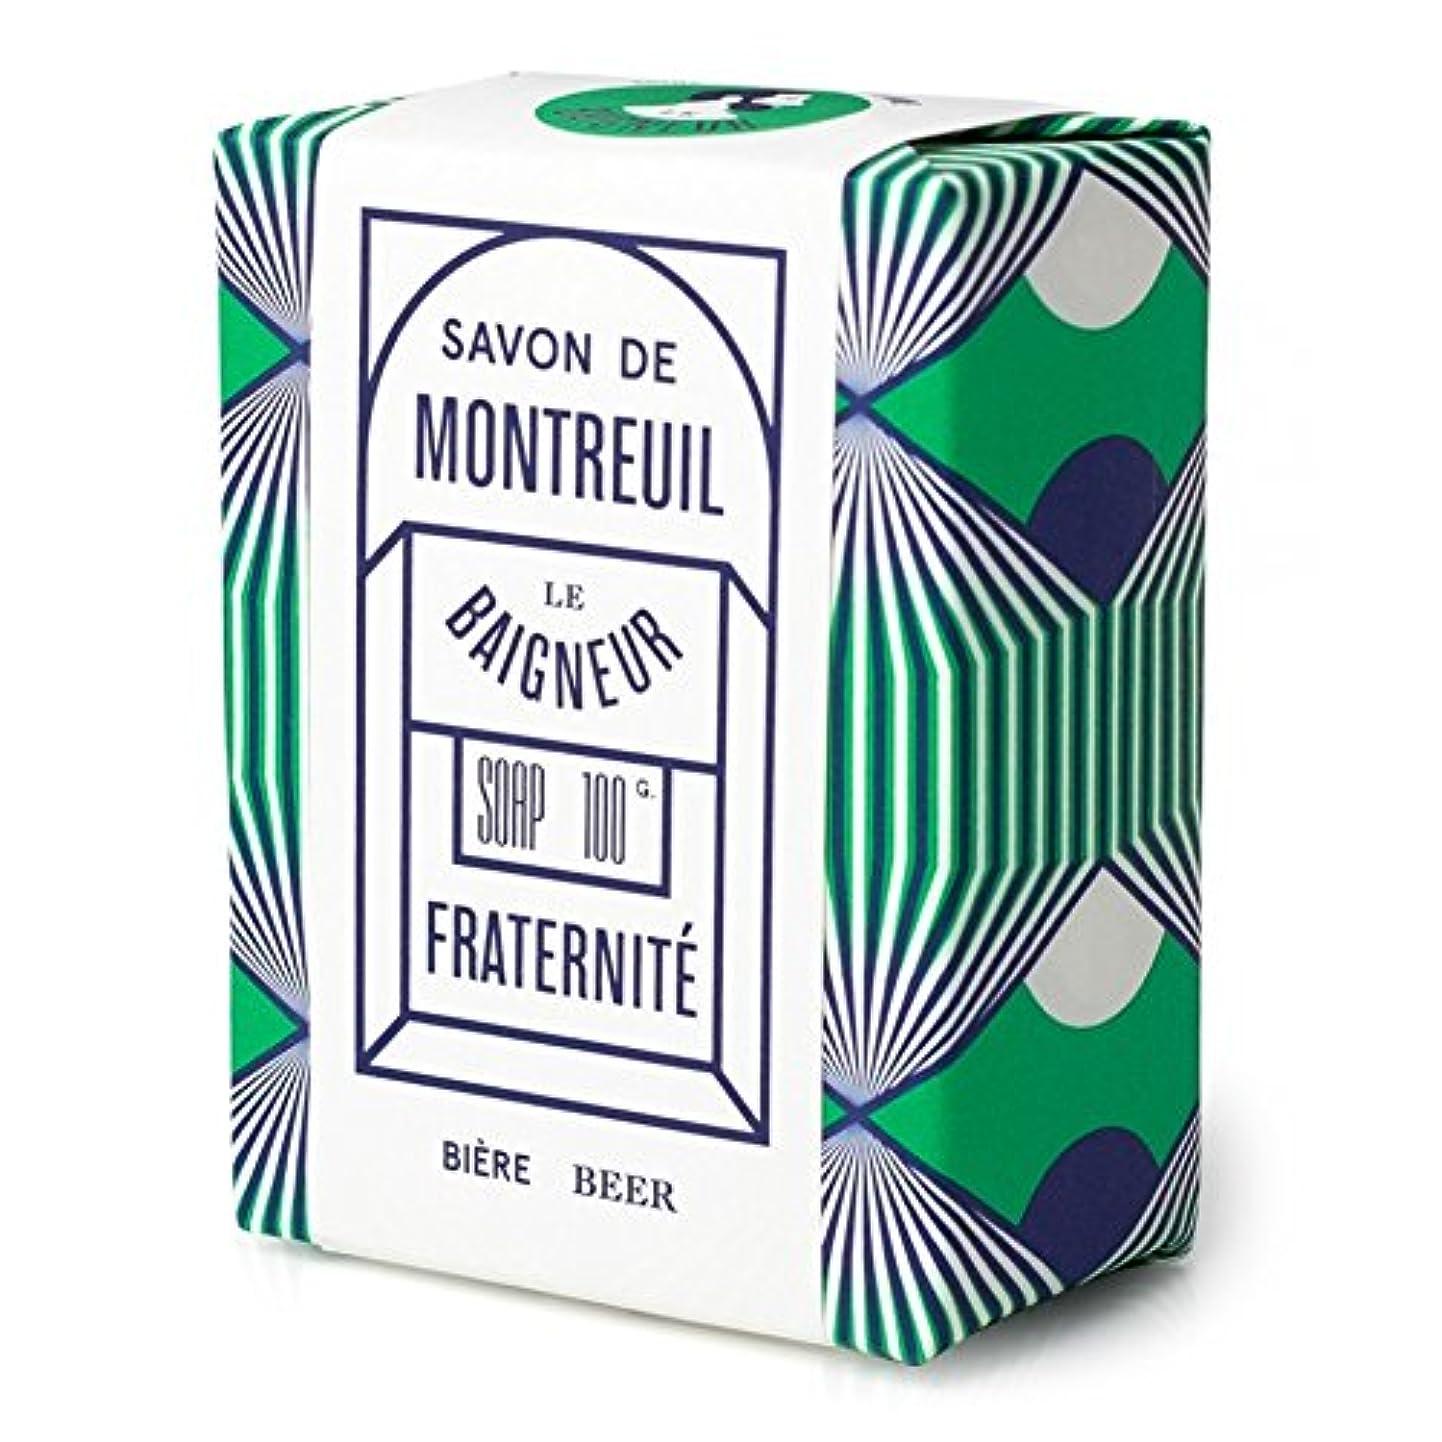 マイコン発言するマルクス主義者ル 石鹸100グラム x4 - Le Baigneur Fraternite Soap 100g (Pack of 4) [並行輸入品]